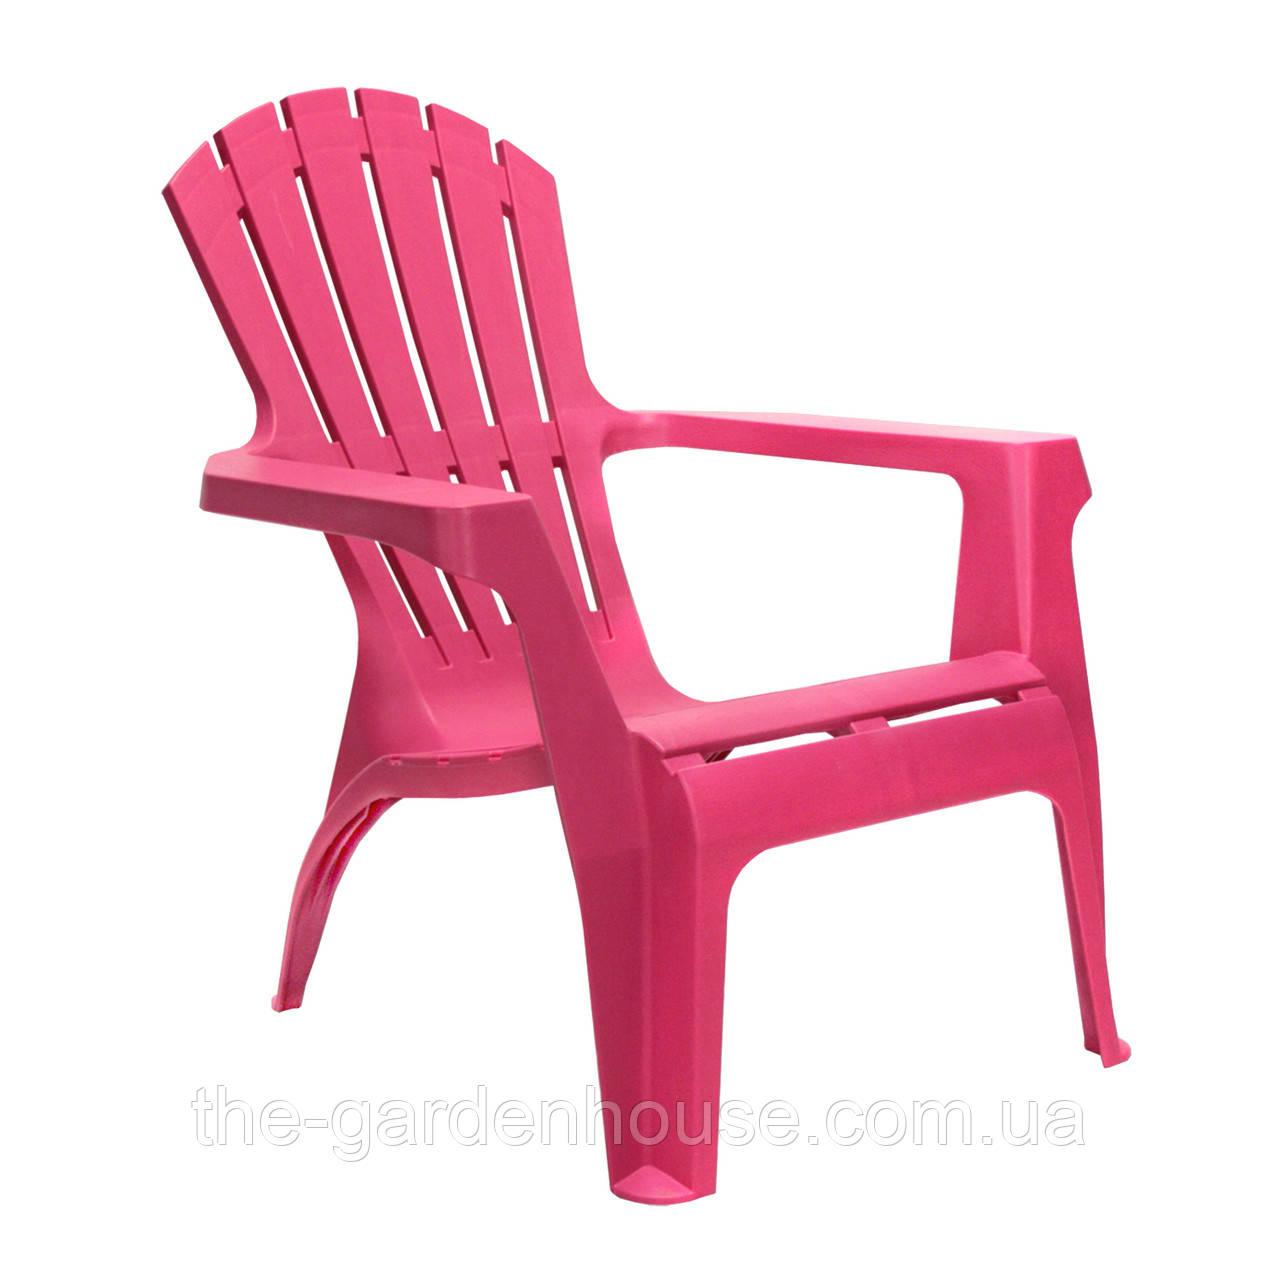 Садовое пластиковое кресло Dolomiti фуксия